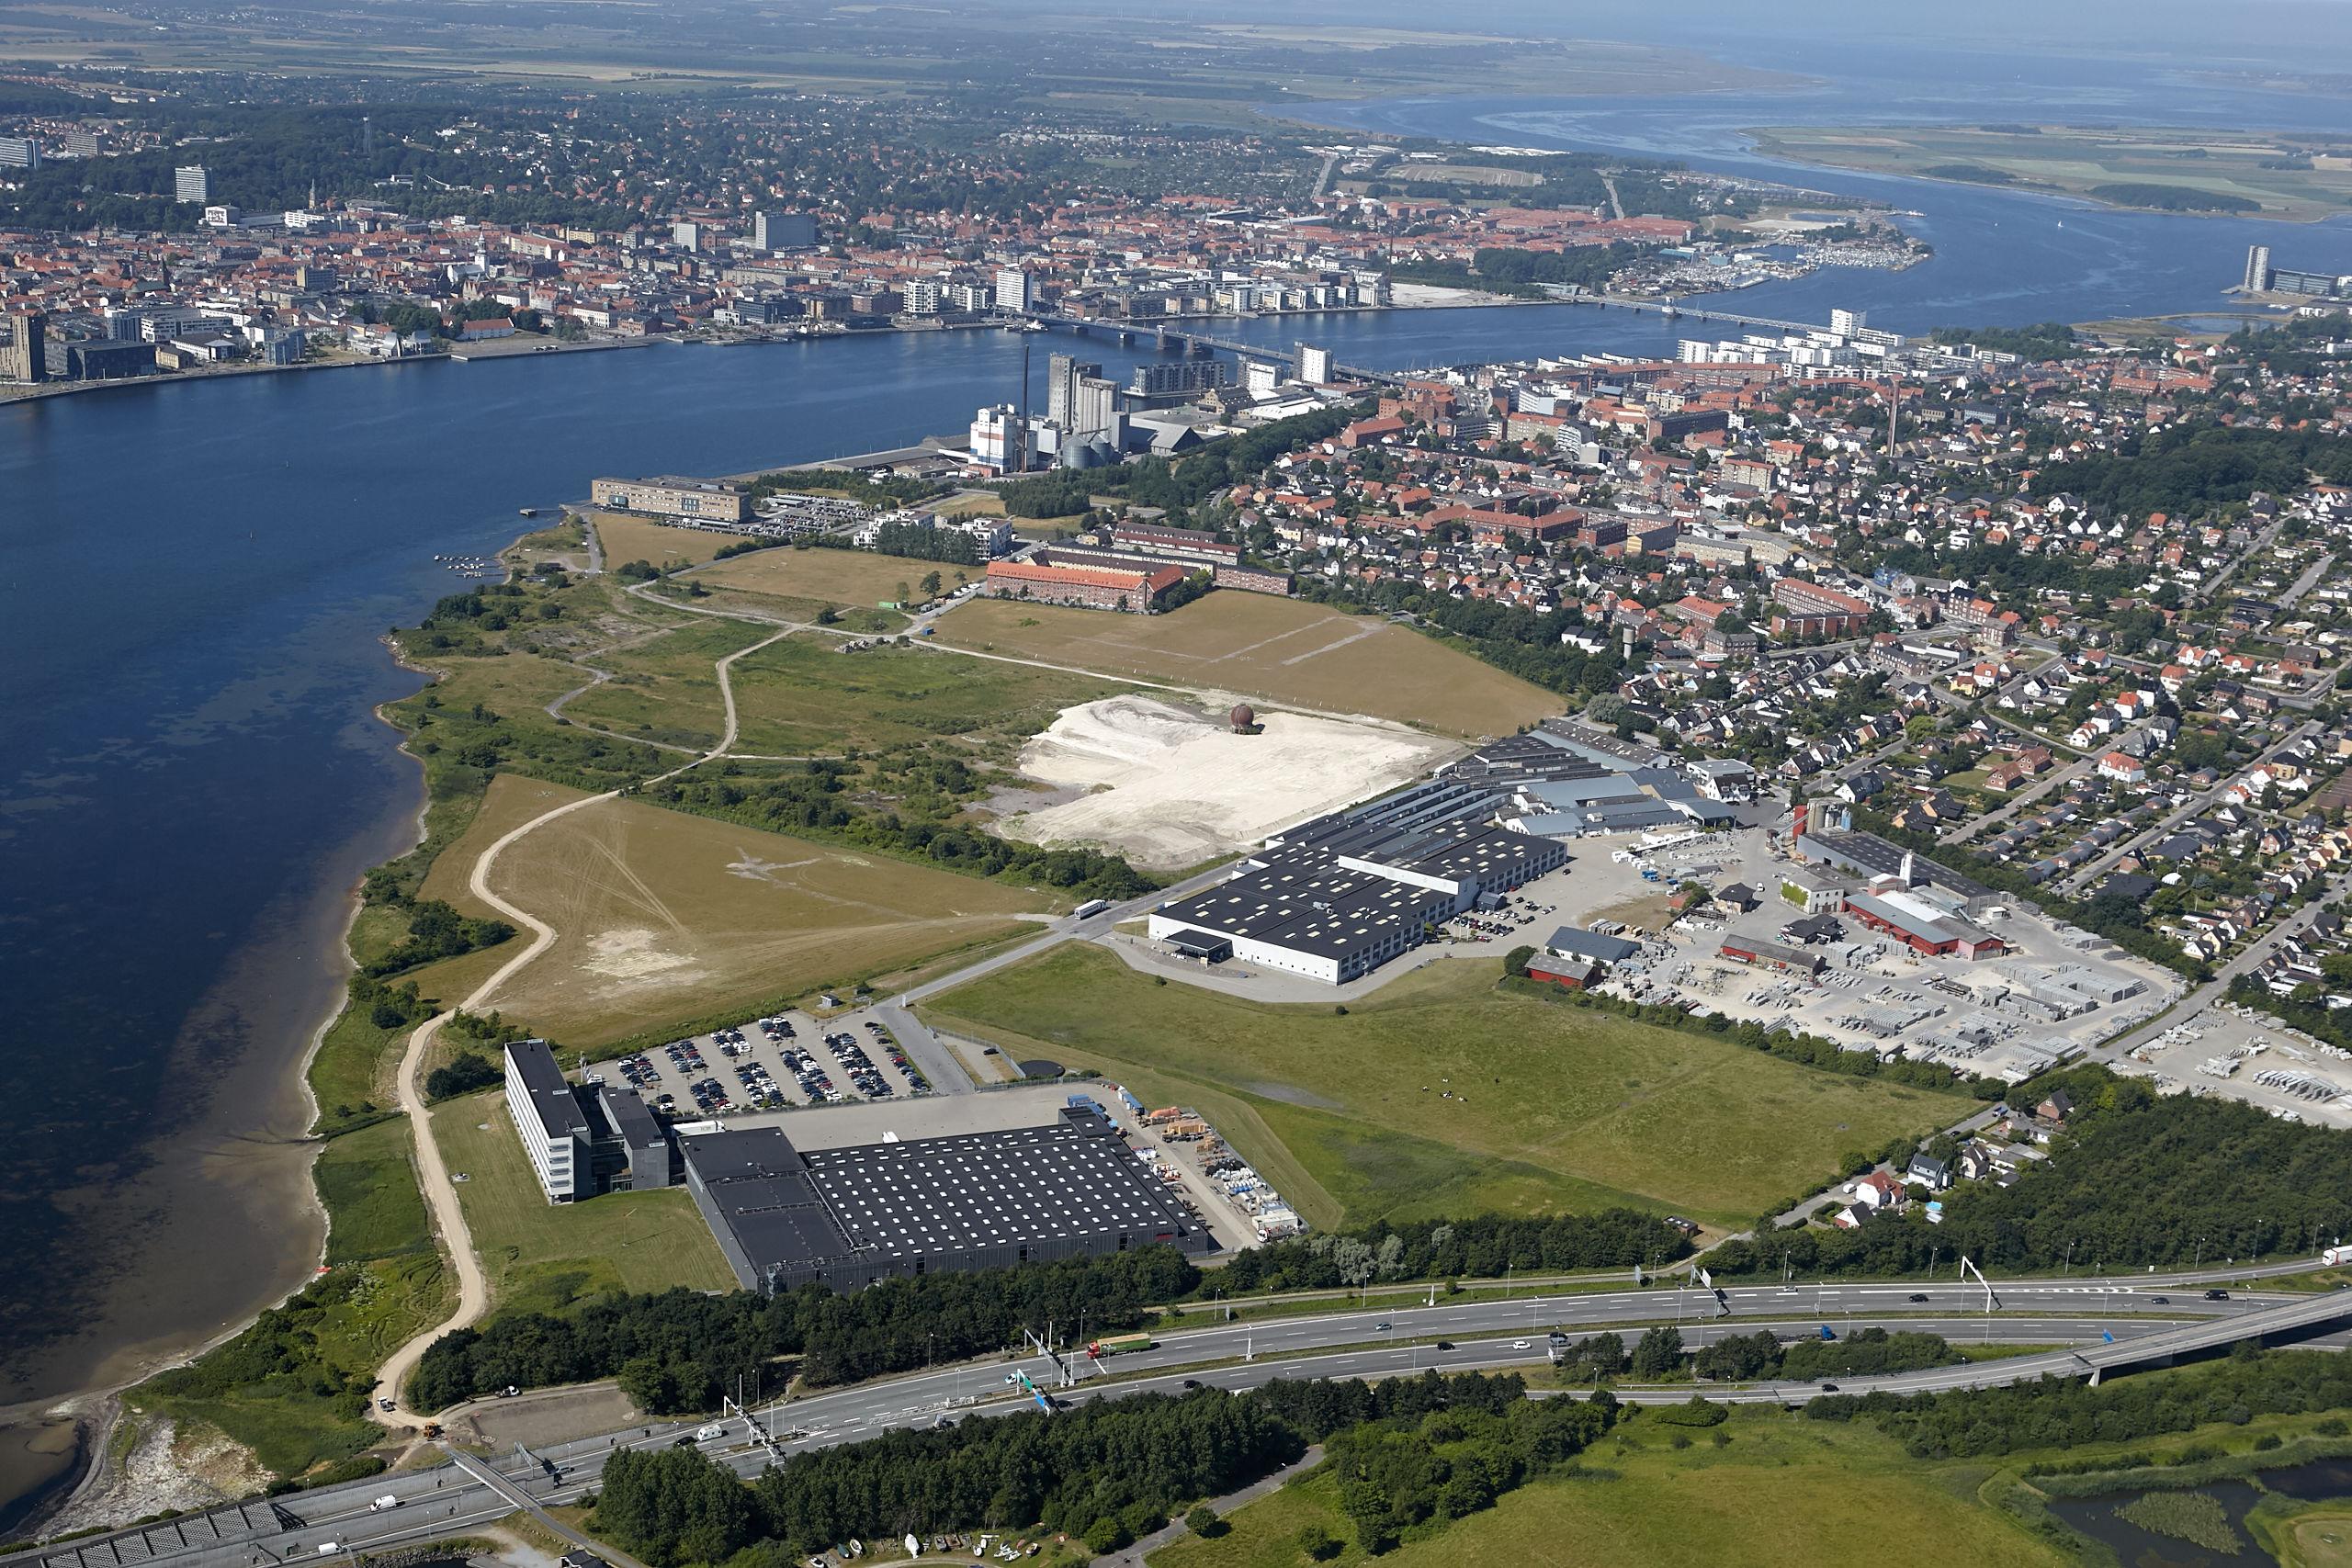 Stigsborg bliver en af de første bydele i Danmark, der skal udvikles med udgangspunkt i FN's verdensmål. Foto: Stigsborg P/S